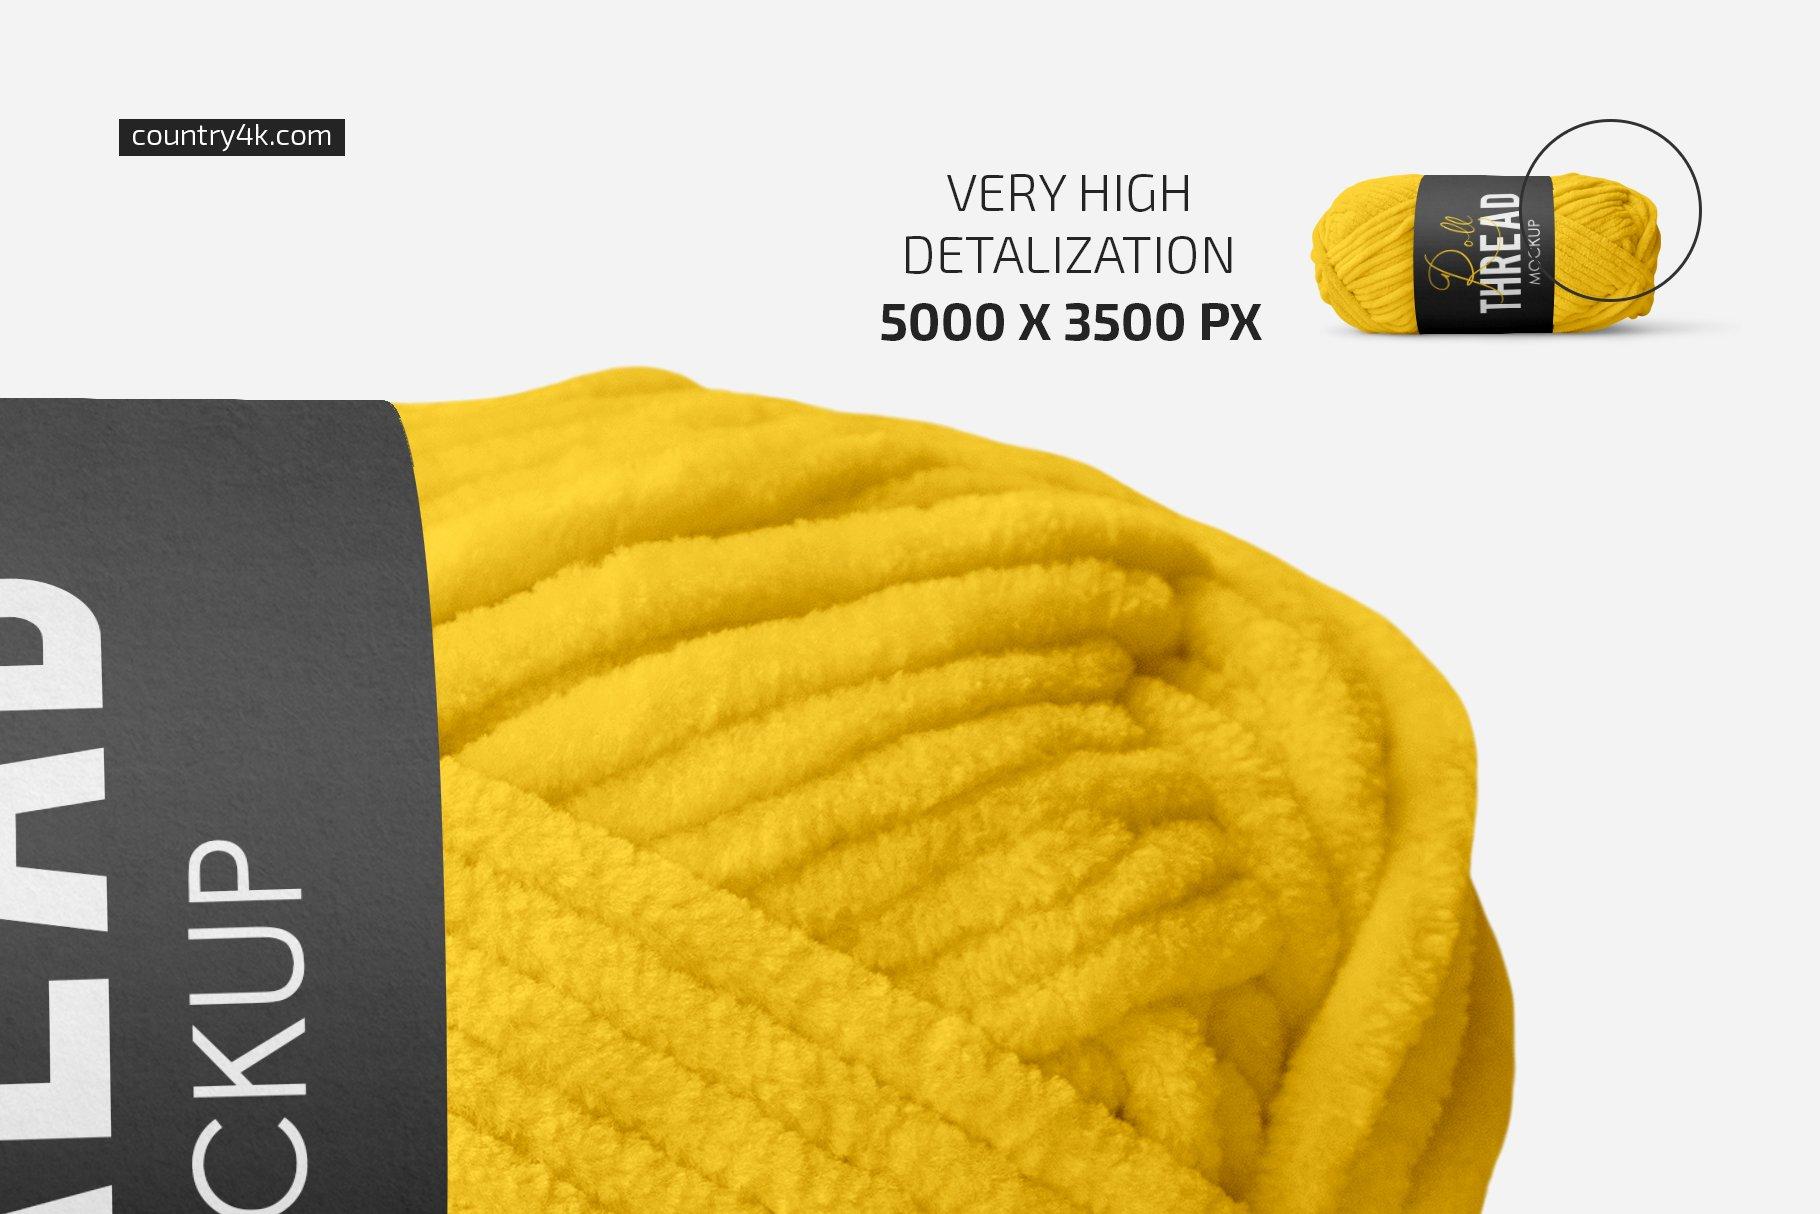 简约螺纹卷毛线标签设计贴图样机套装 Thread Roll Mockup Set插图2